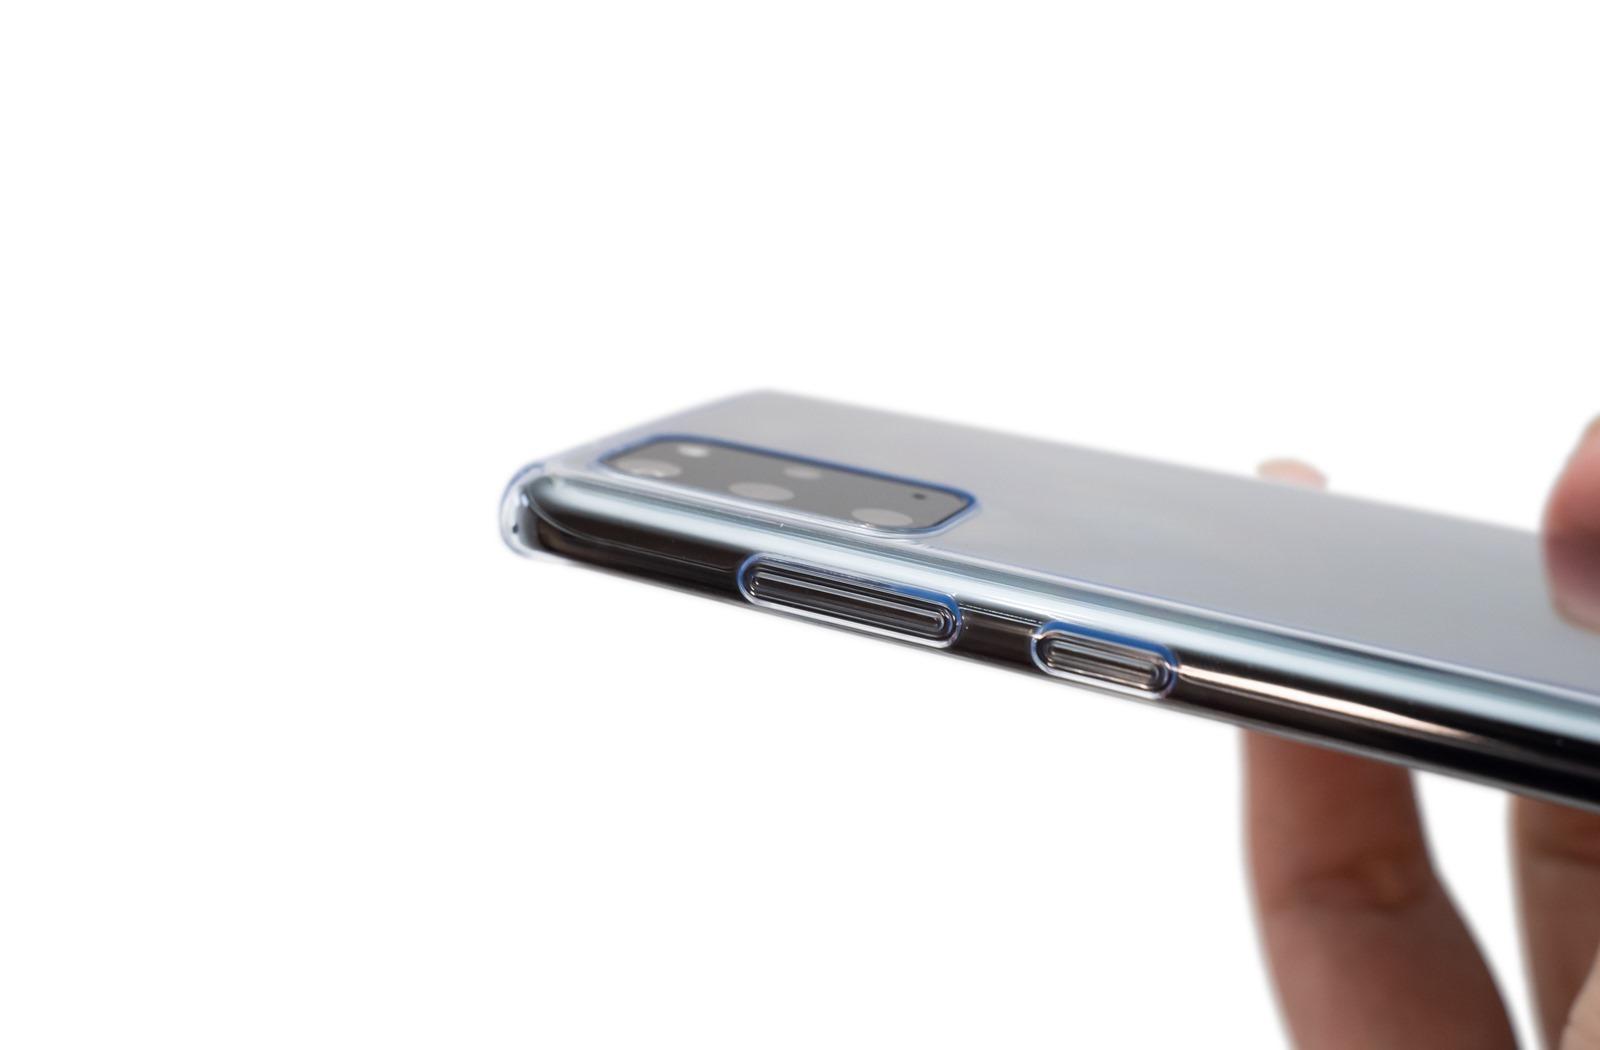 台版三星 Galaxy S20+ 快速開箱 (上市版本),看看全新盒裝裡面有什麼?!(Galaxy S20+ unboxing) @3C 達人廖阿輝